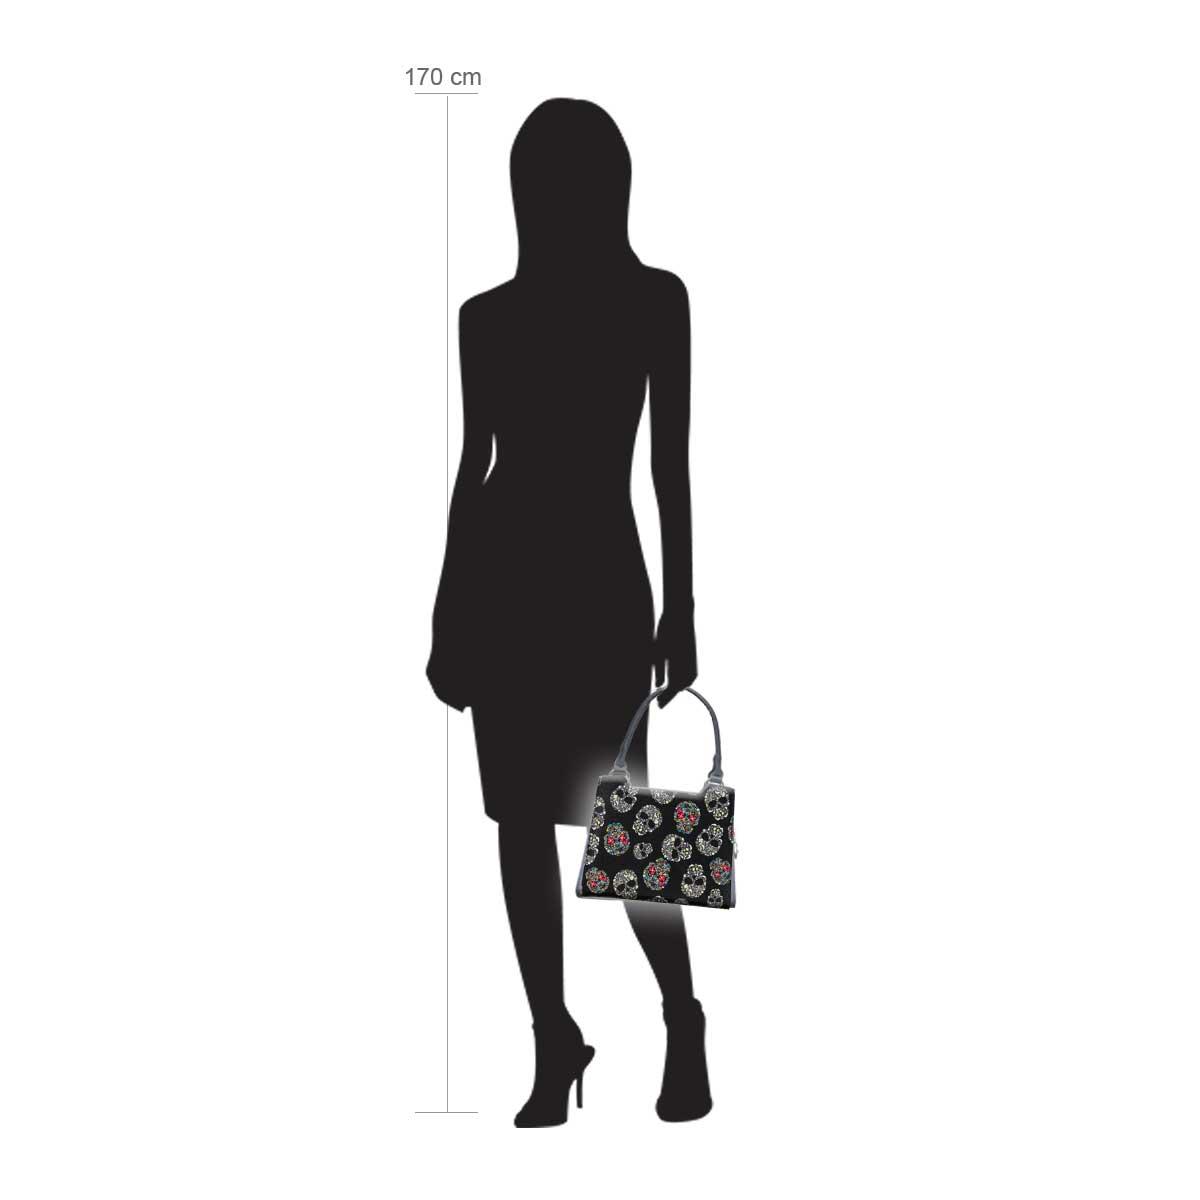 Modellpuppe 170 cm groß zeigt die Handtaschengröße an der Person Modell:Benito